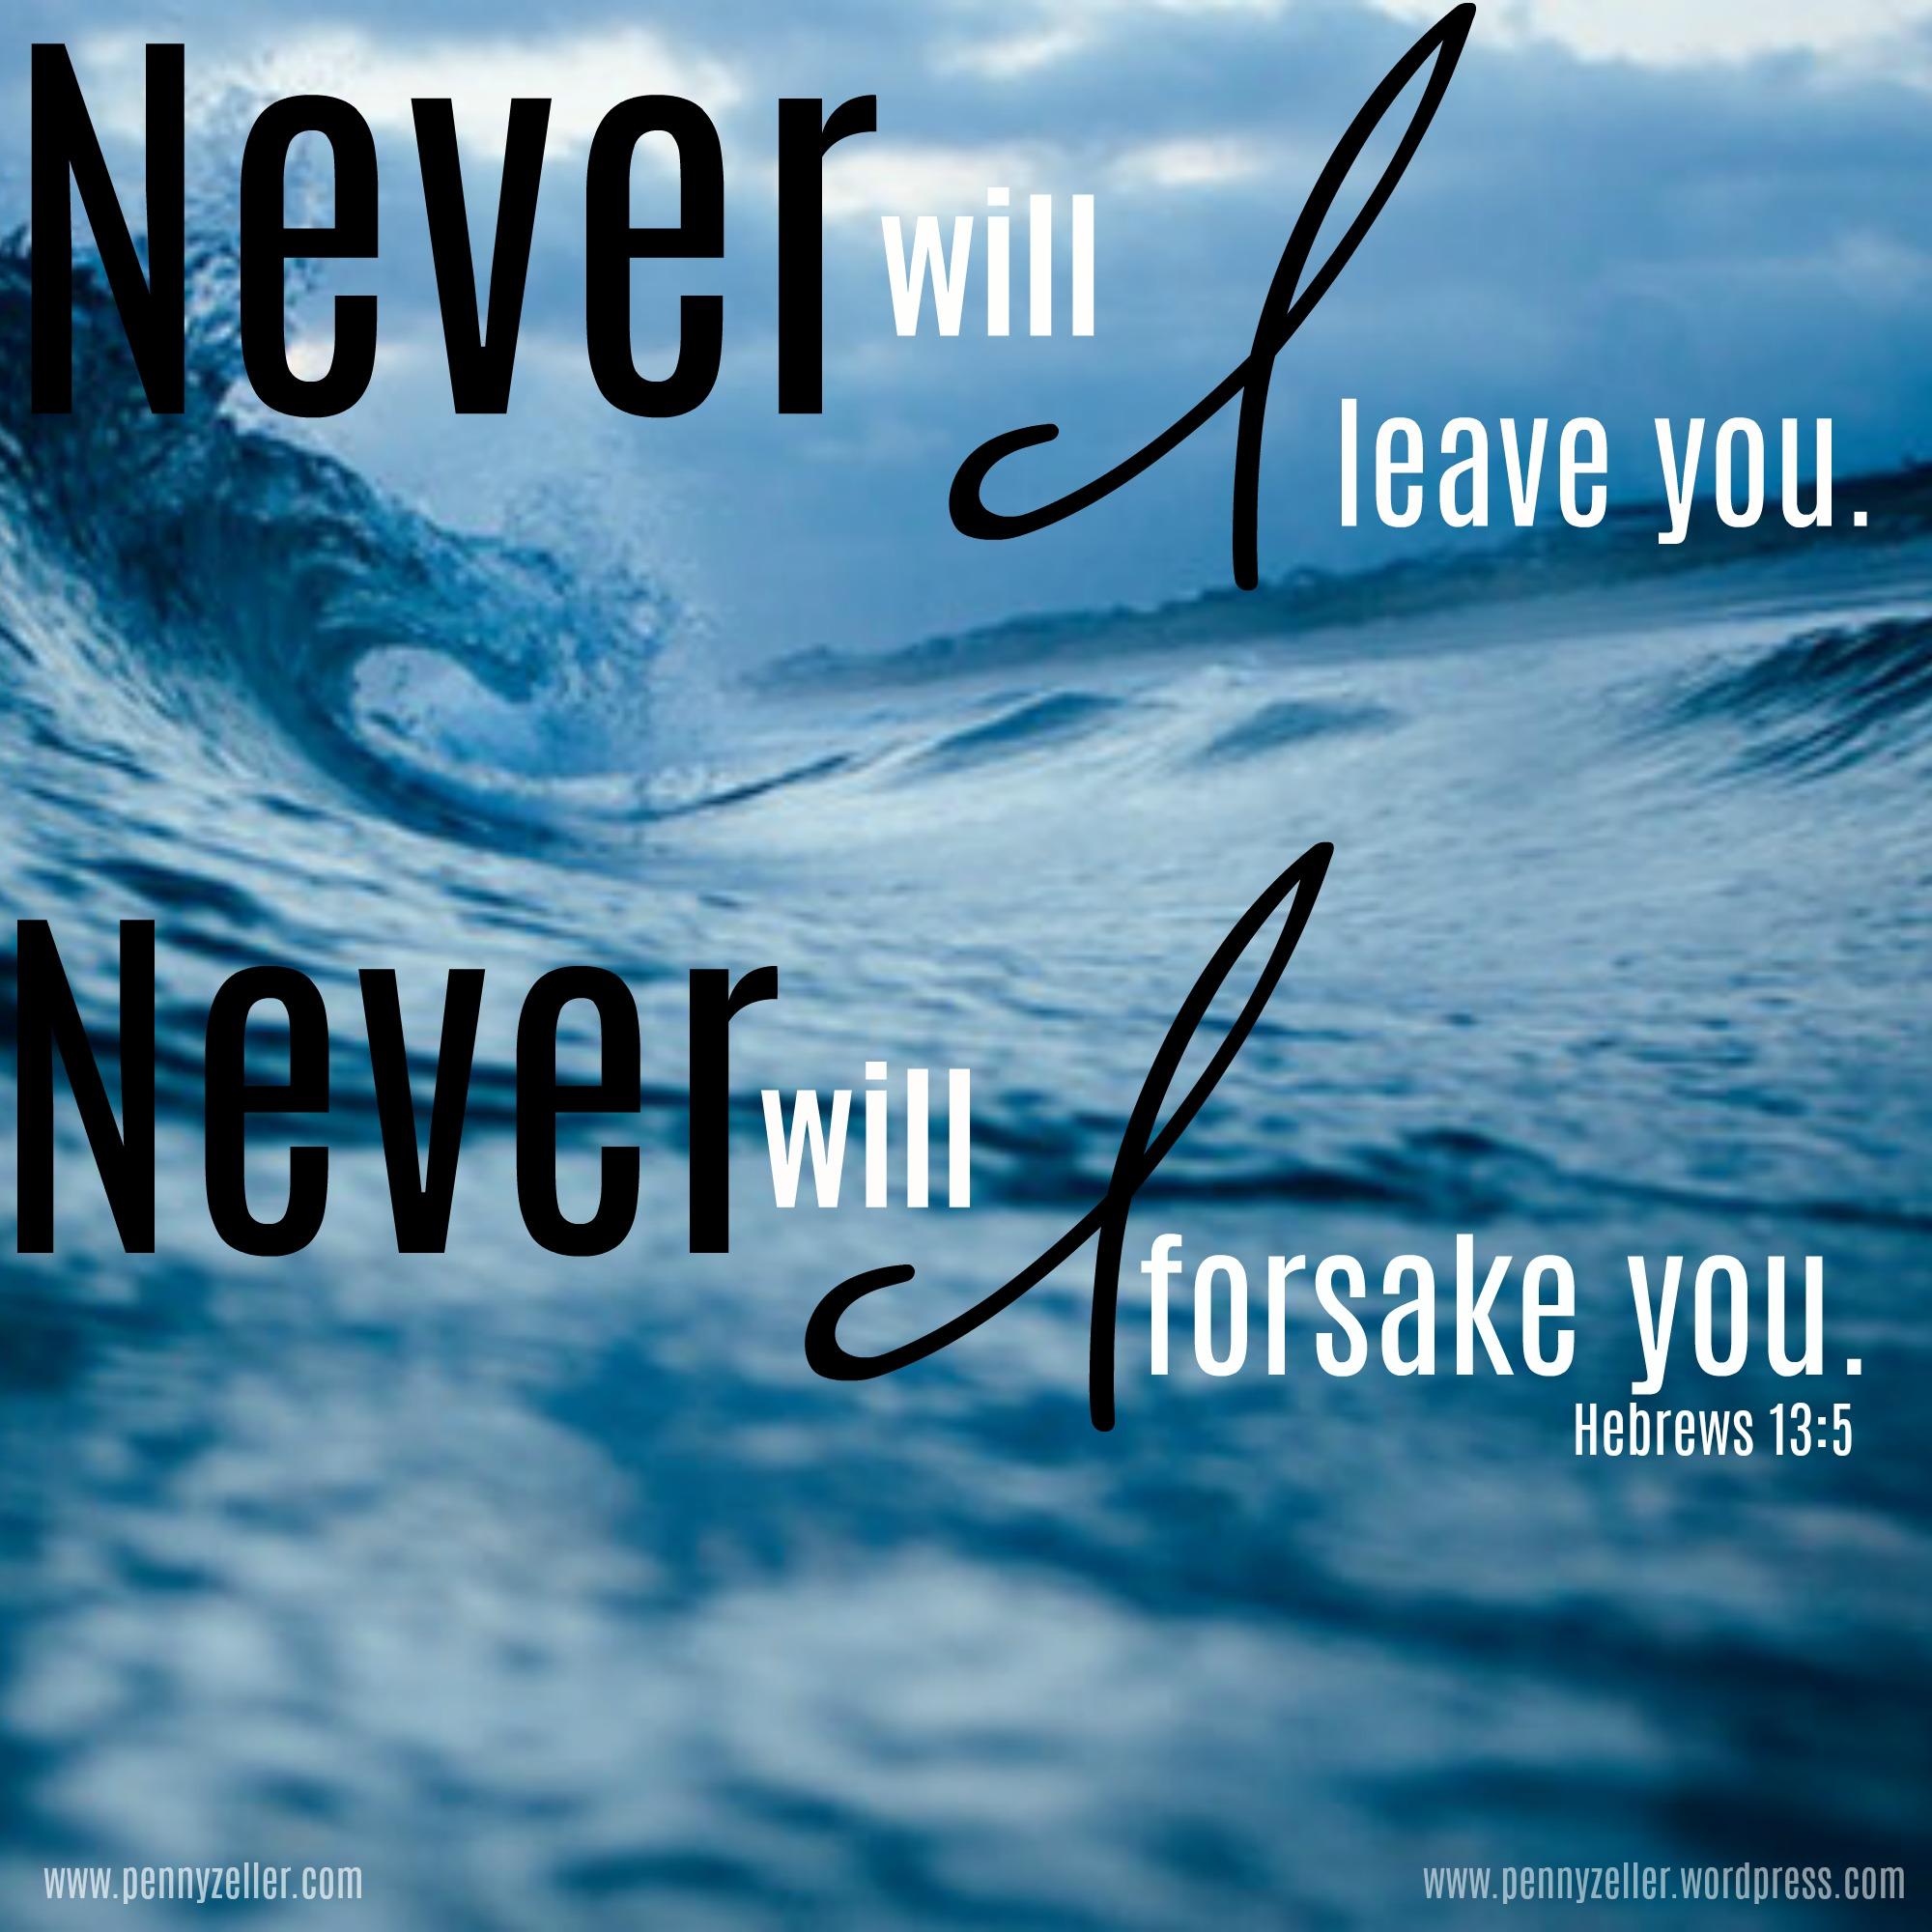 Hebrews 13 5